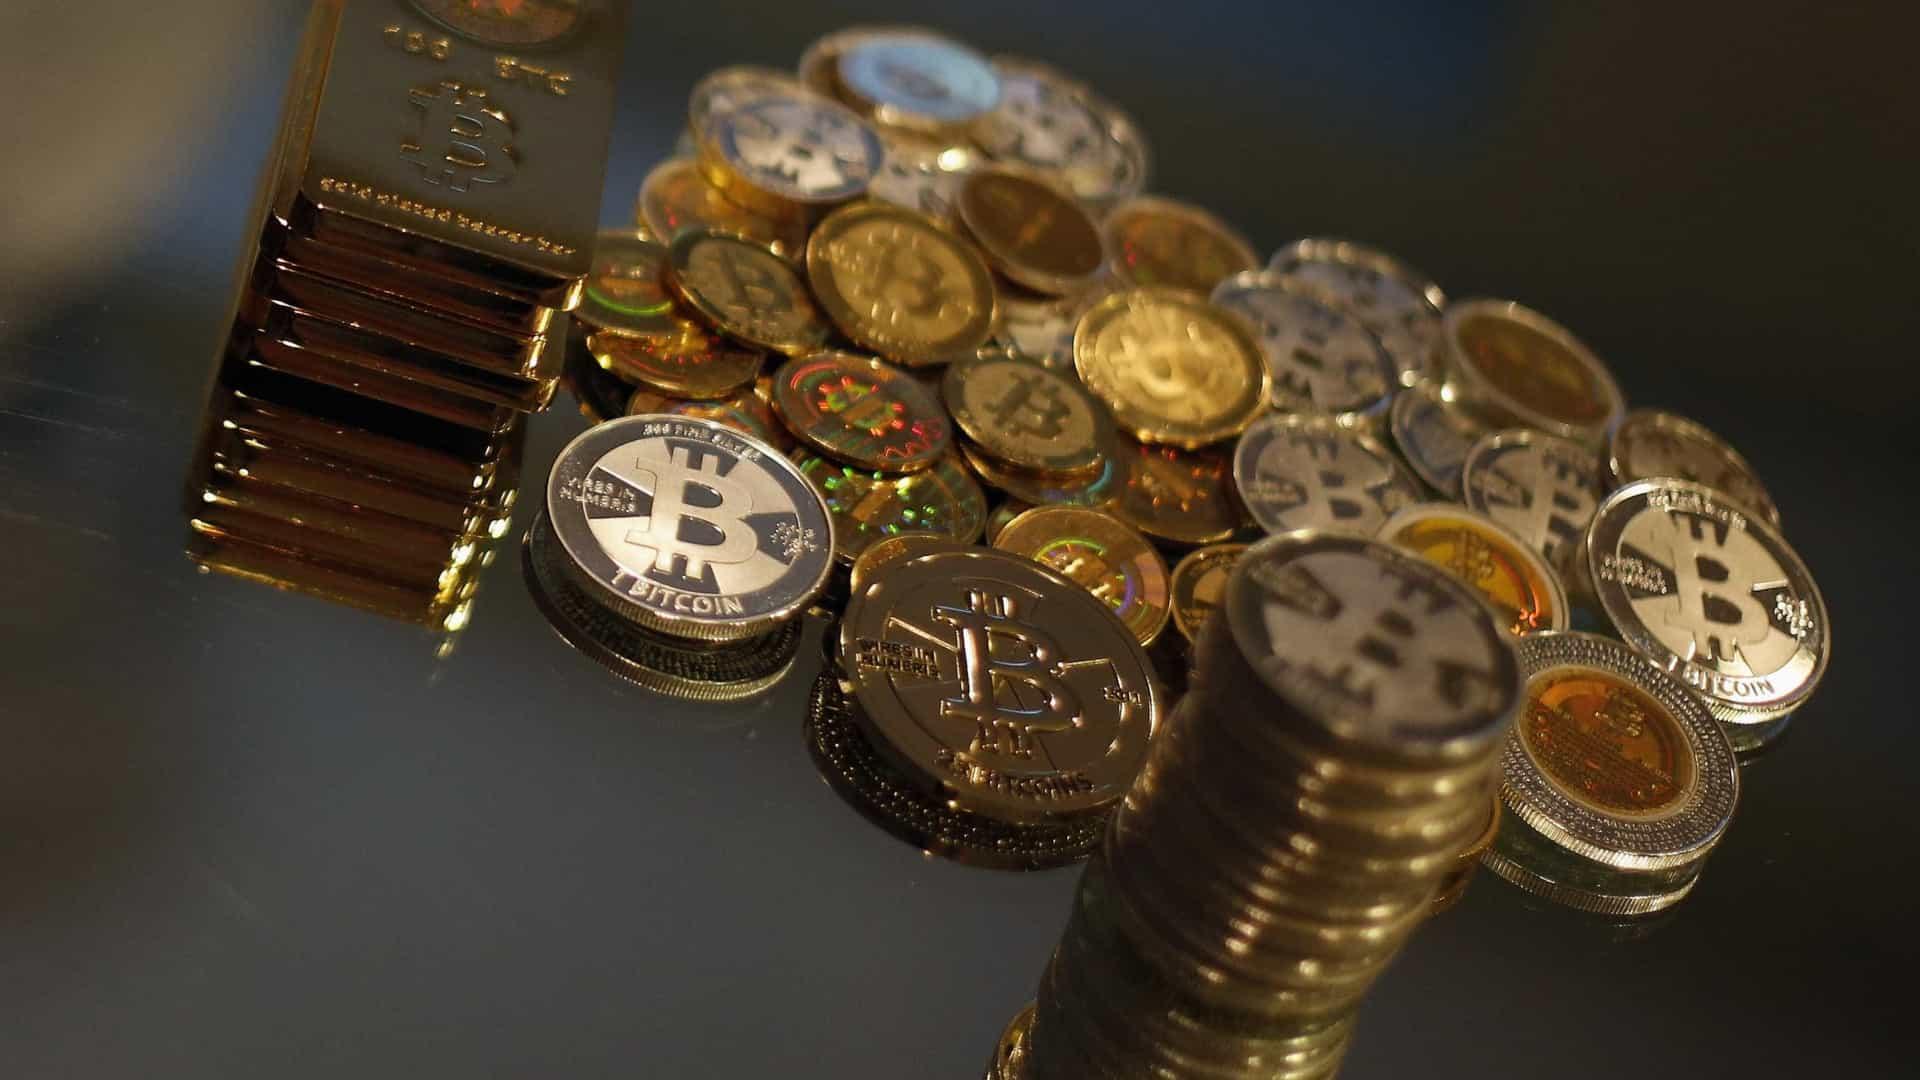 naom 57a24d6ad2b3e - NOVIDADE?! Time contrata jogador de futebol com bitcoins